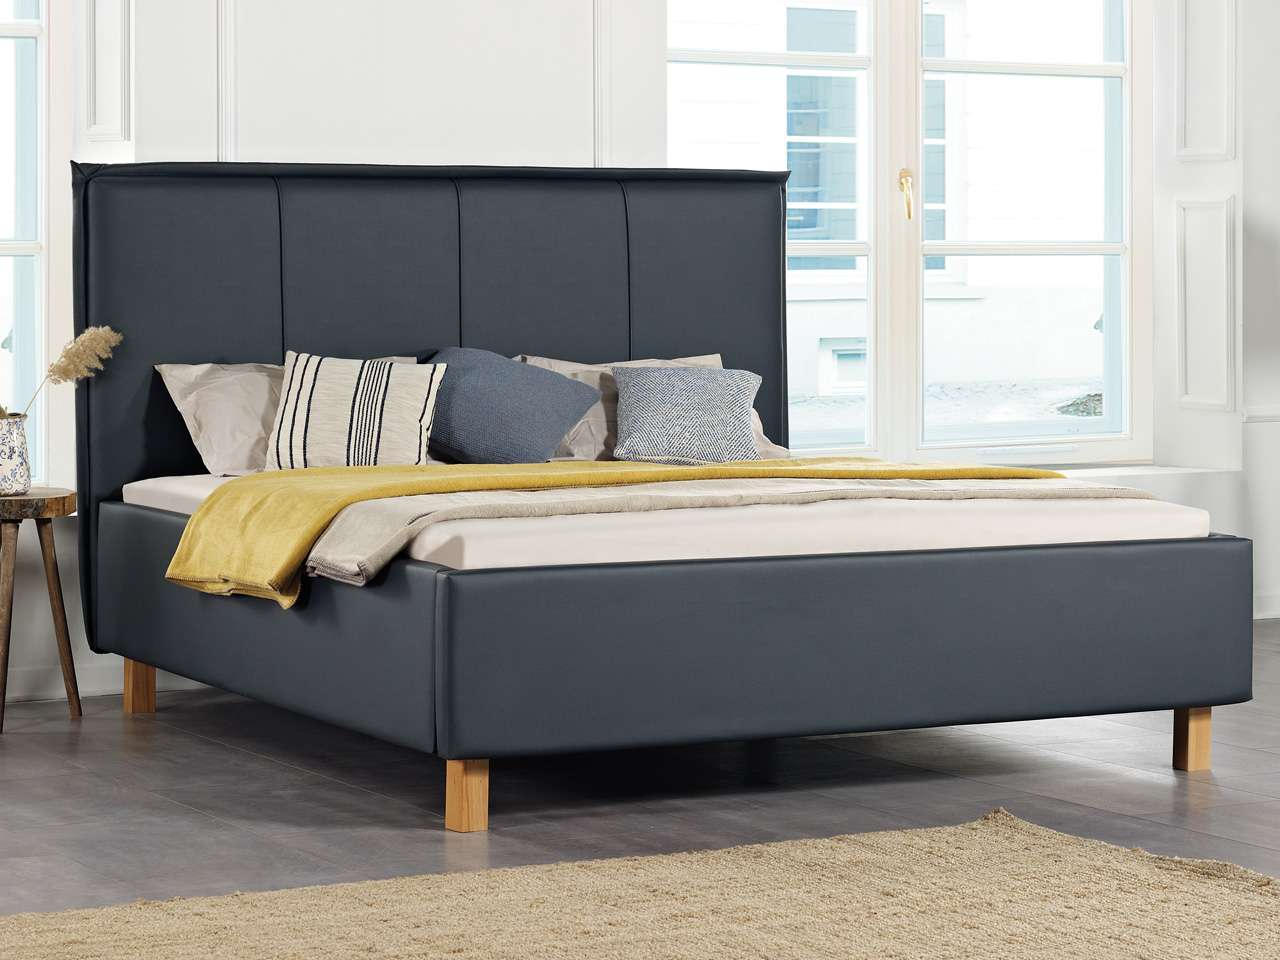 Full Size of Polsterbett 200x220 2070 Betten Bett Wohnzimmer Polsterbett 200x220